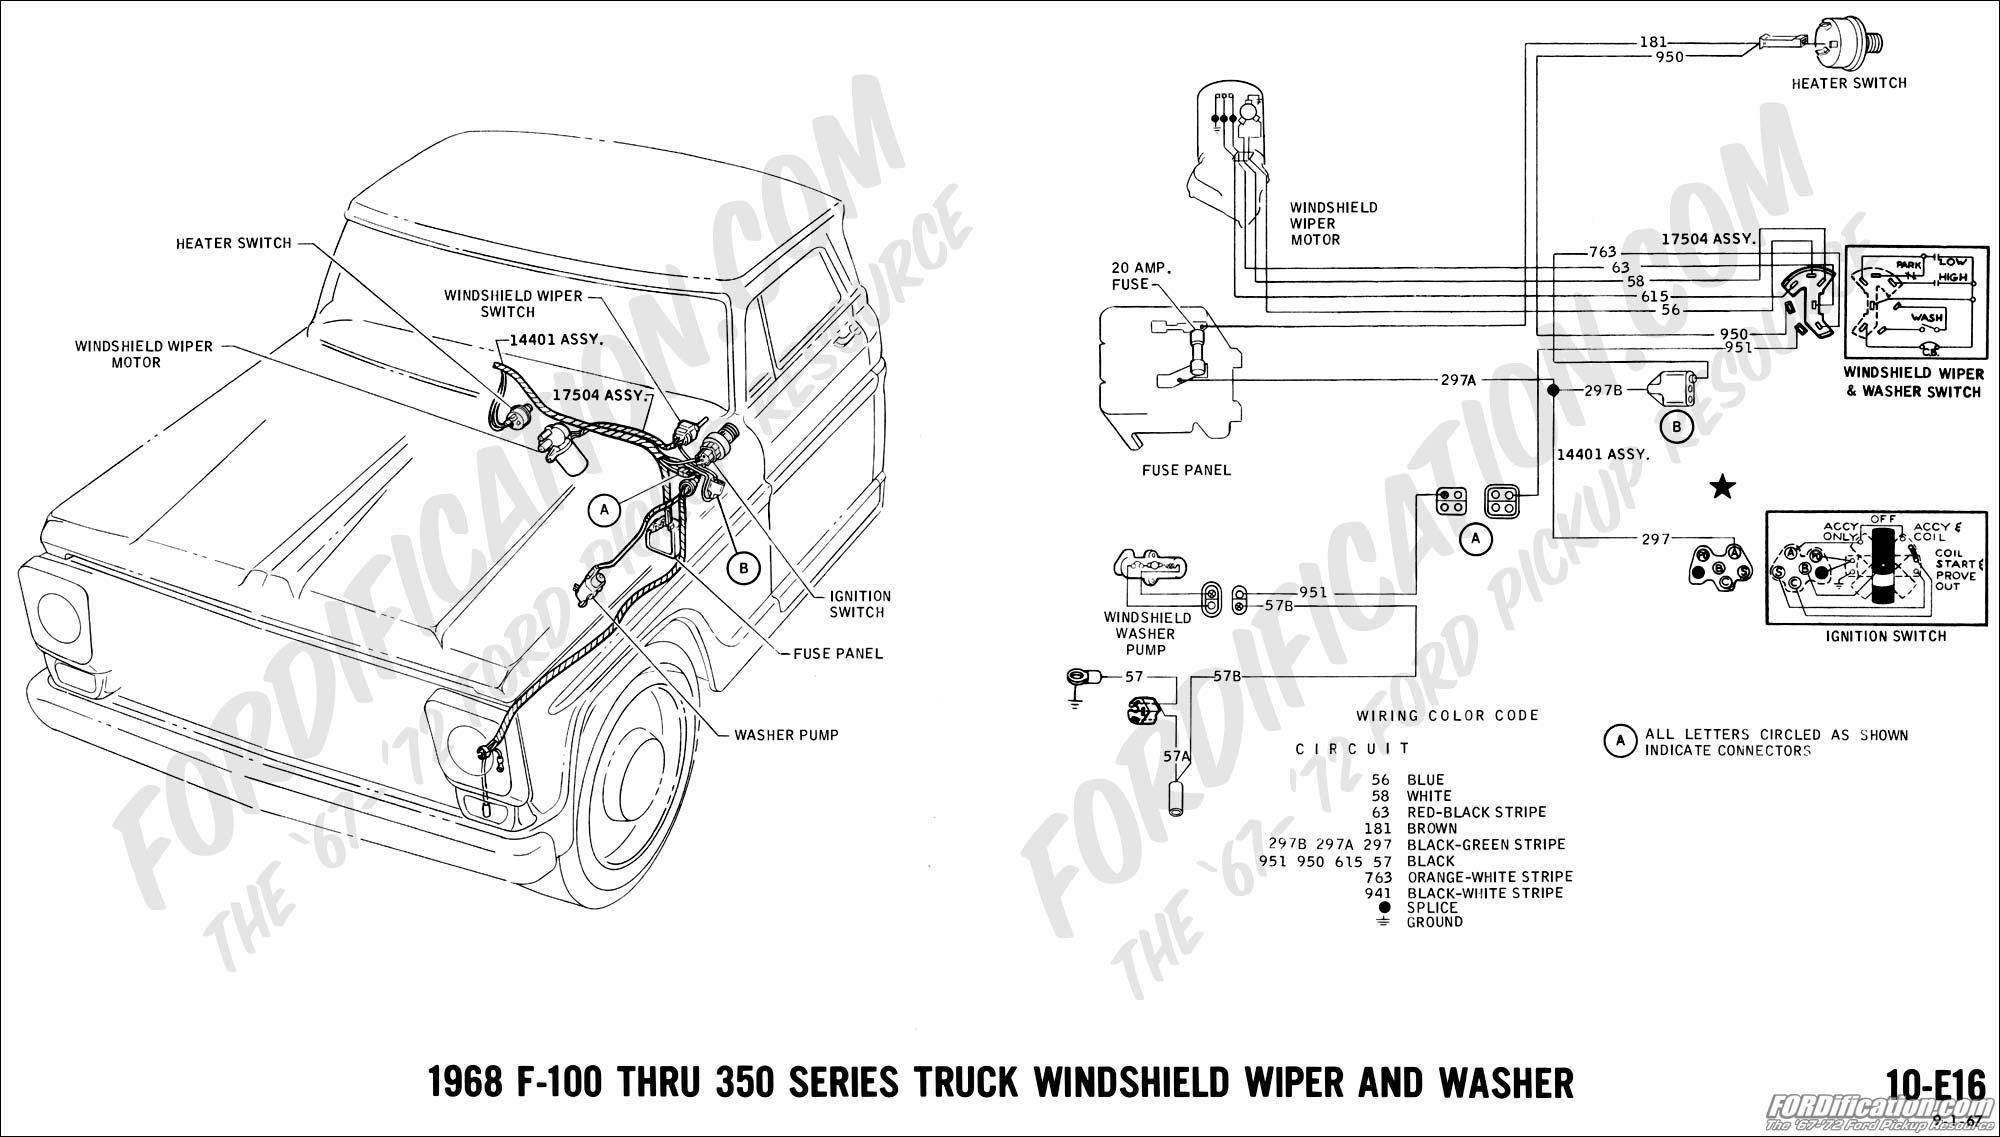 2008 chevy impala interior fuse box cover